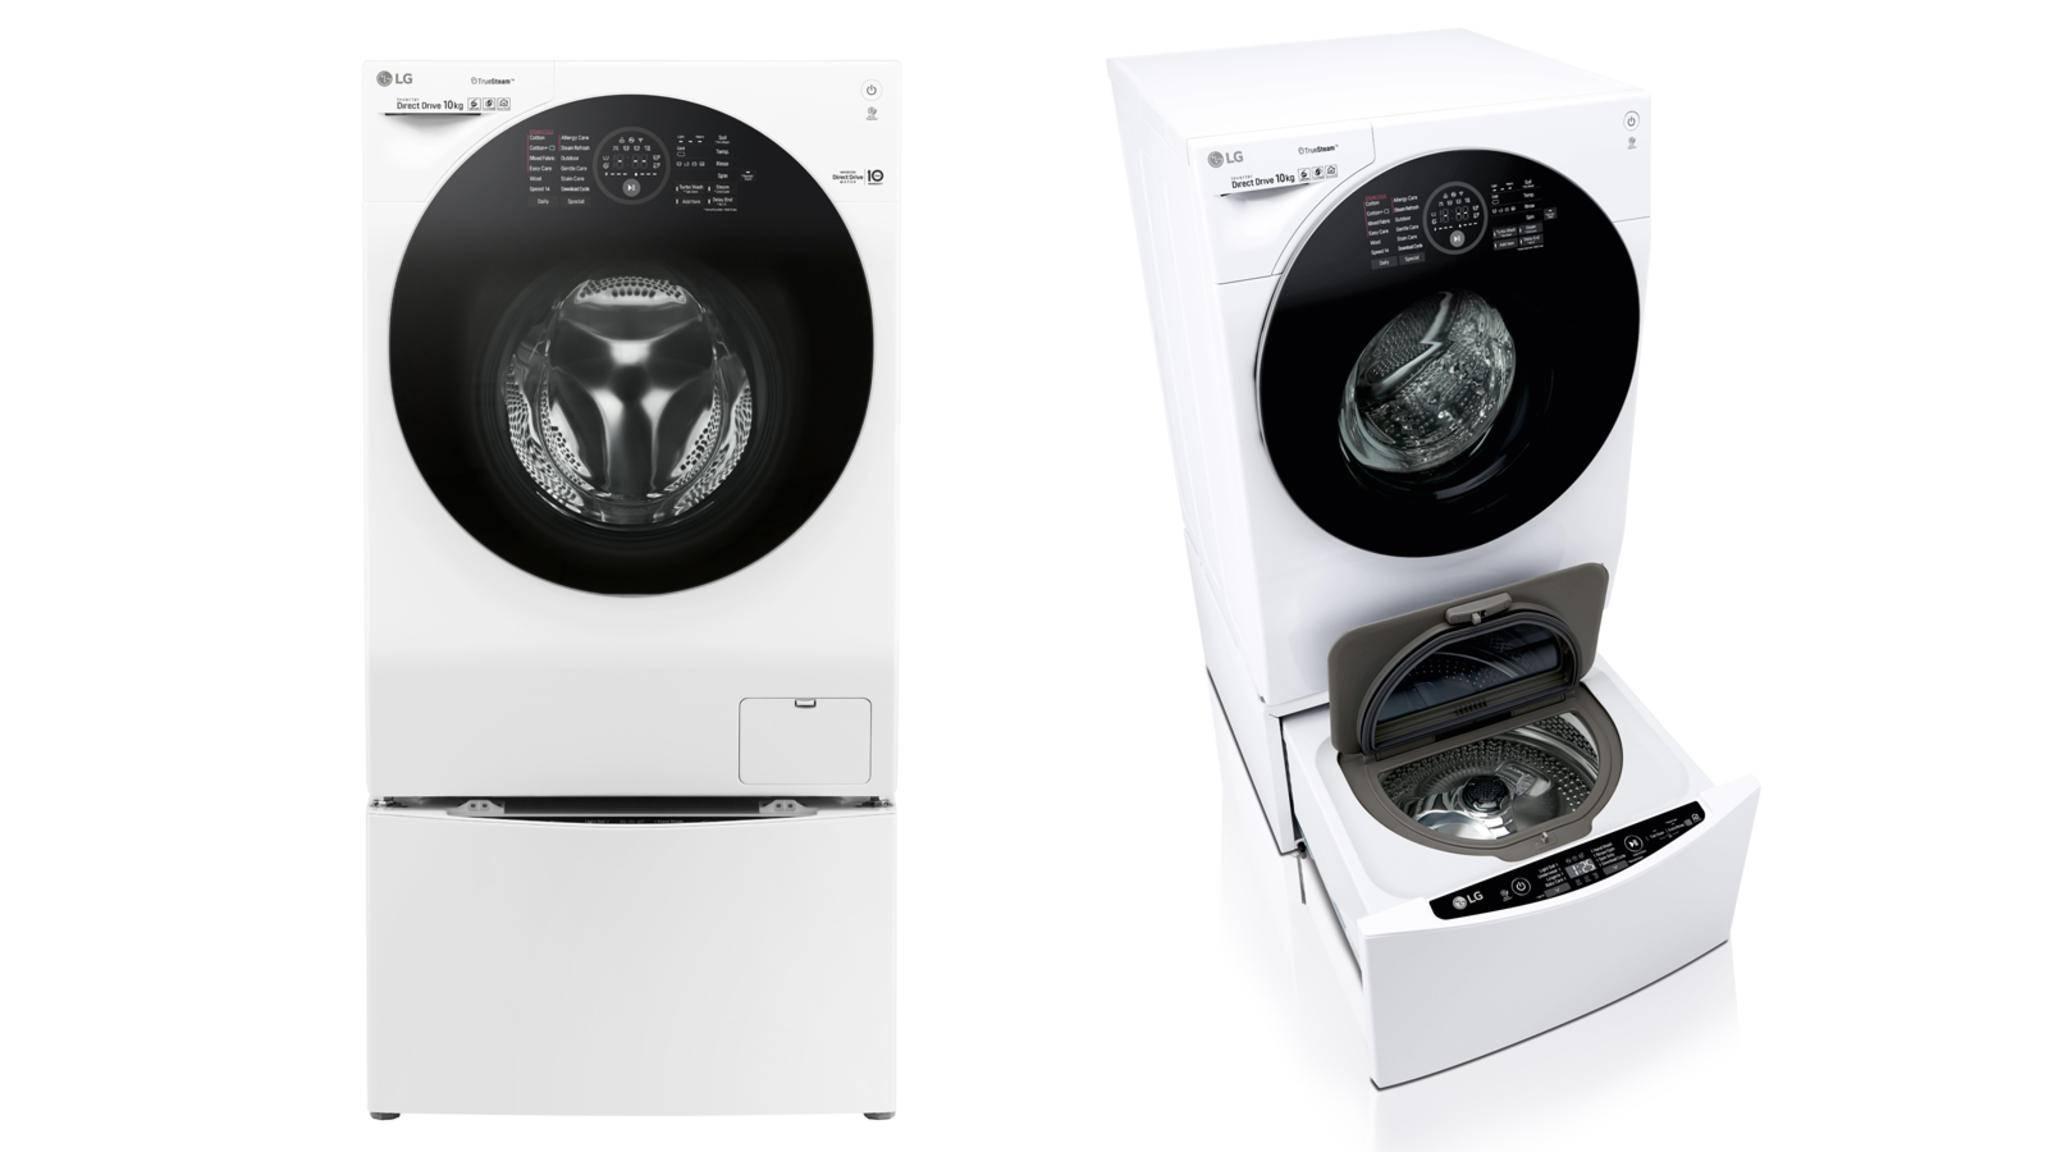 Die Waschmaschine verbinden sie aber nicht auch noch mit dem Internet? Oh, doch! Dank Smartphone-App wäschst Du mit LGs TwinWash auch von unterwegs.